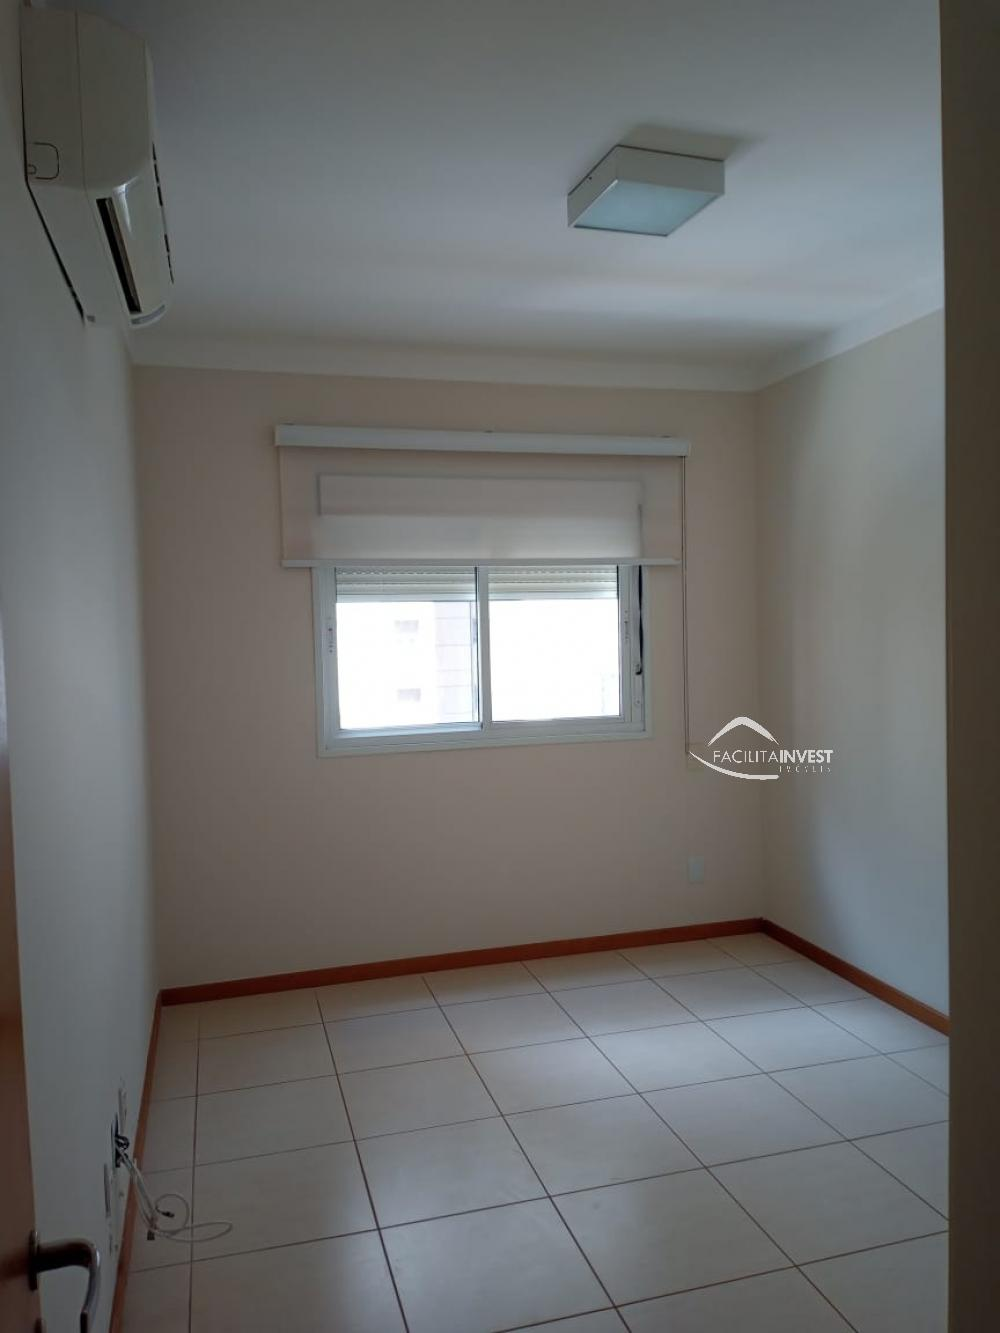 Alugar Apartamentos / Apart. Padrão em Ribeirão Preto apenas R$ 3.800,00 - Foto 17